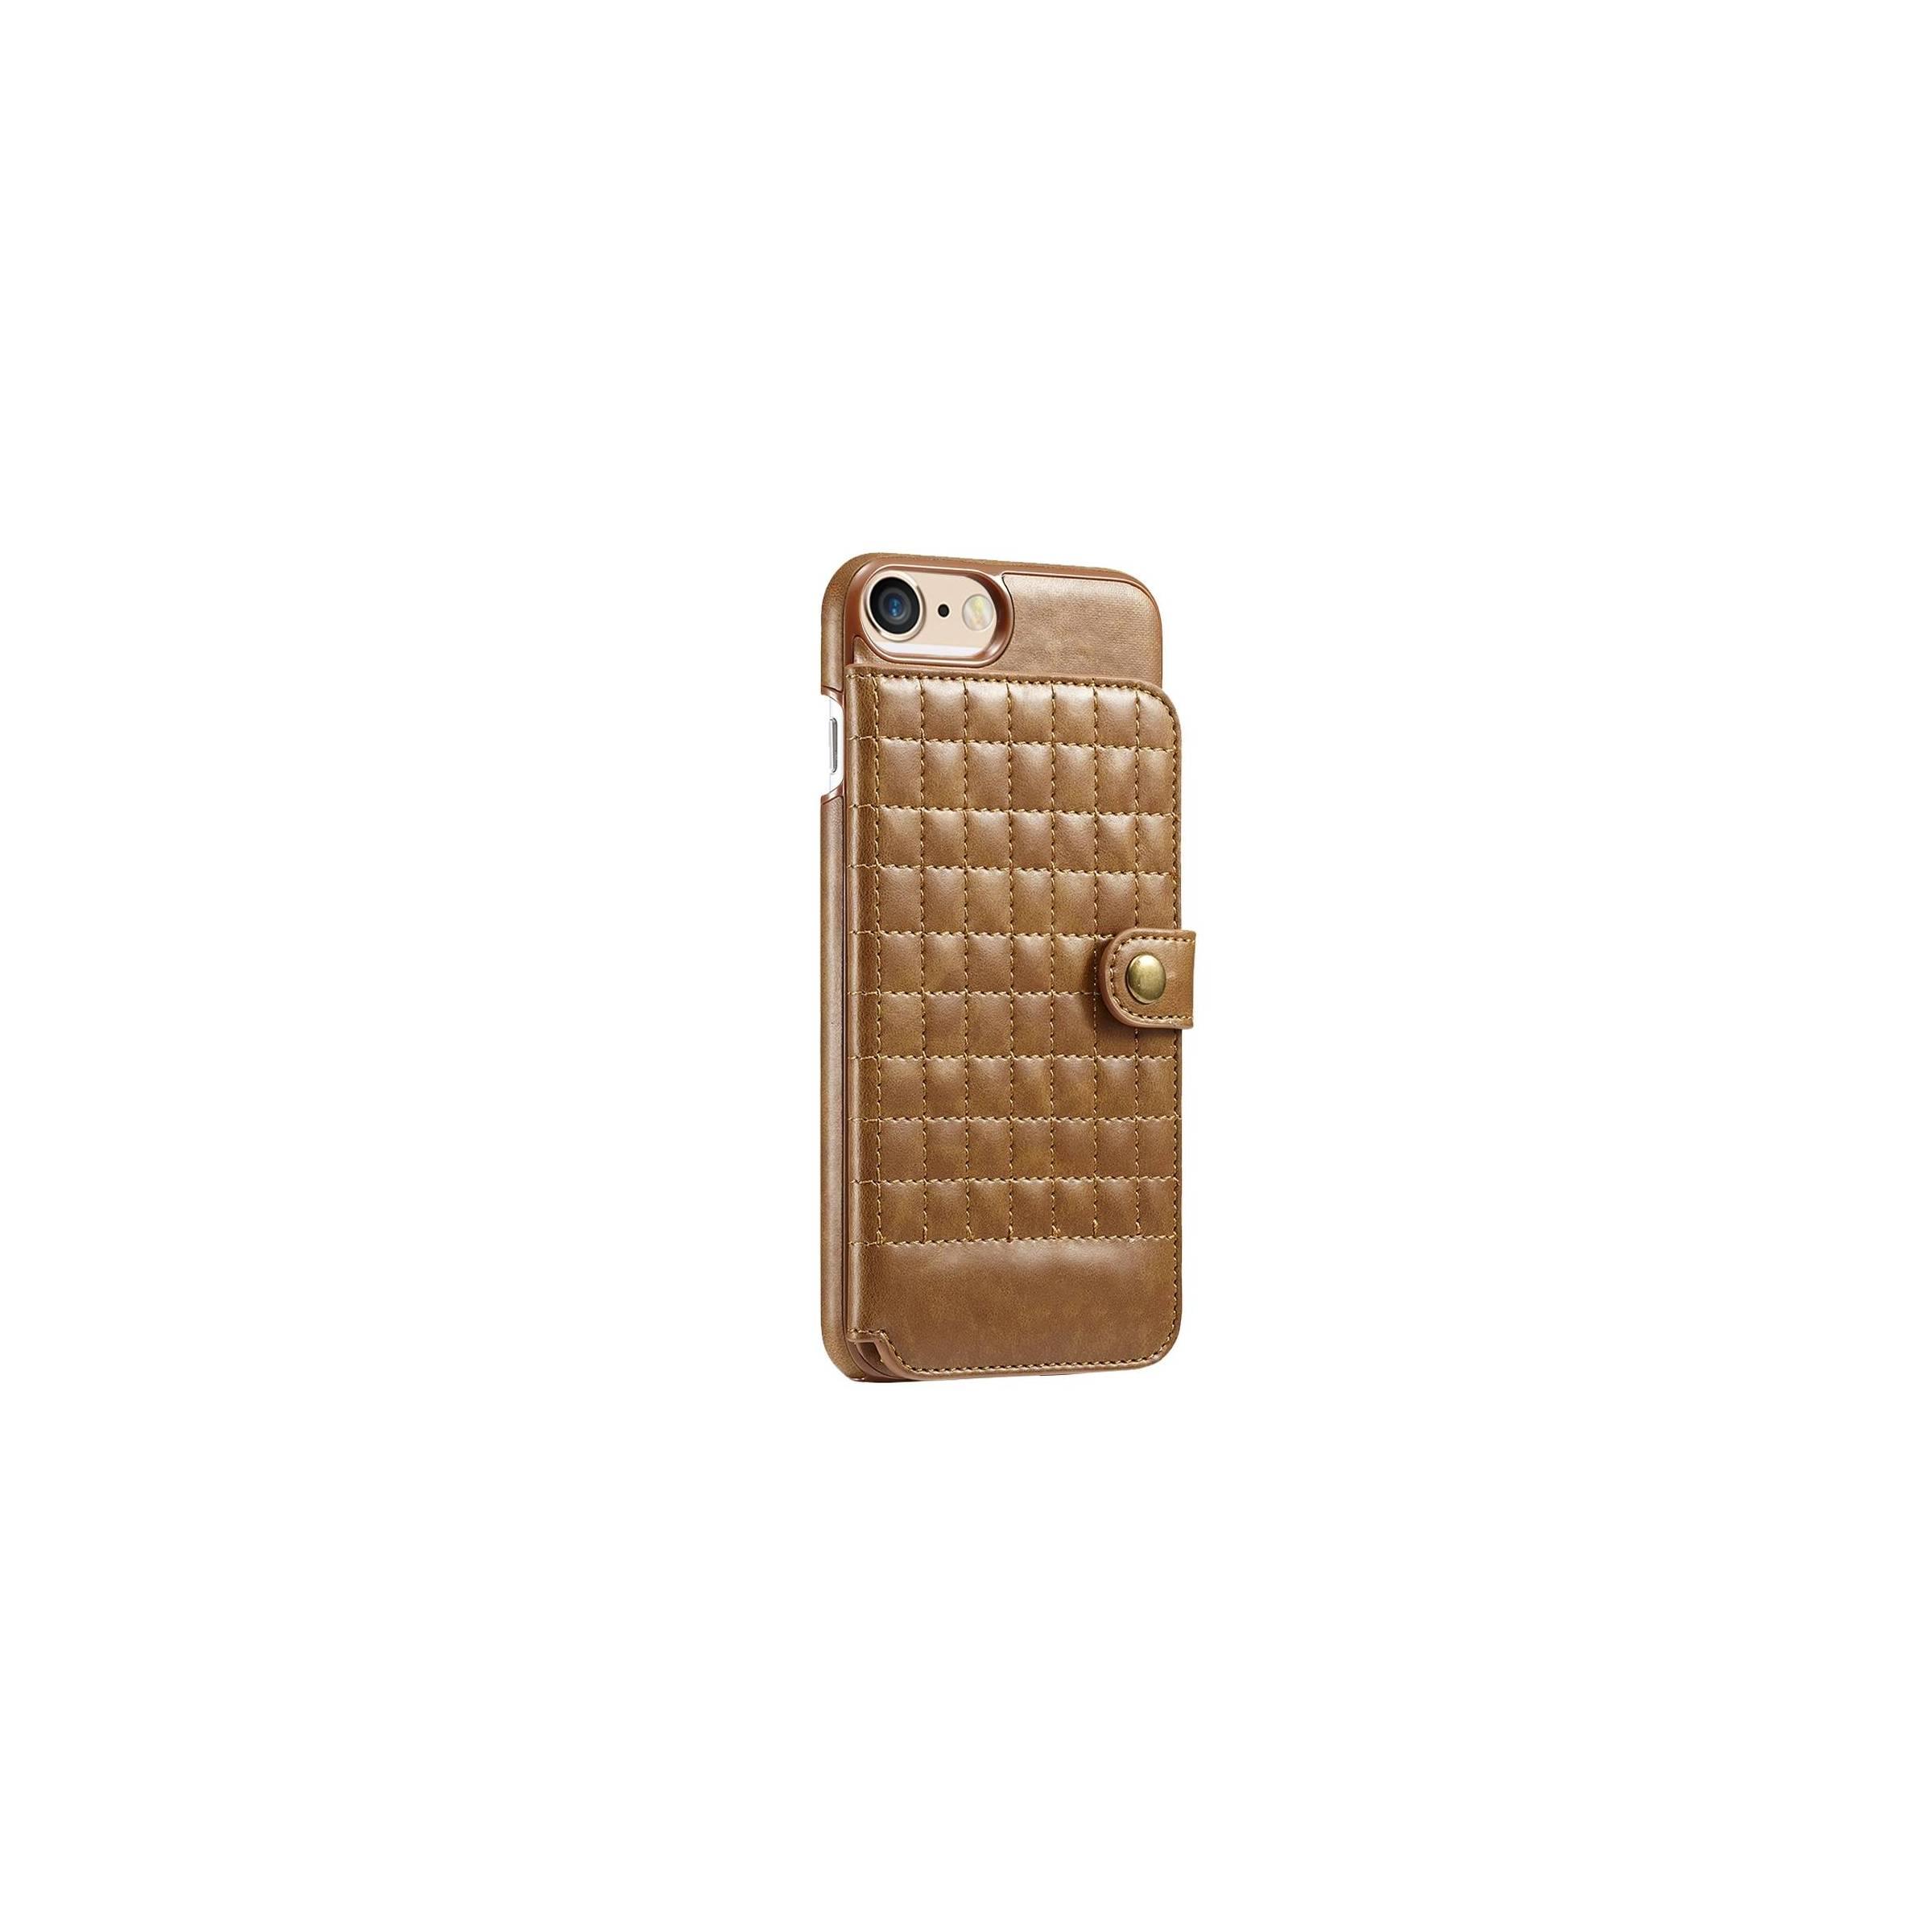 Læder cover m. kortplads til iphone i farver farve brun, iphone iphone 7 plus & 8 plus fra kina oem på mackabler.dk